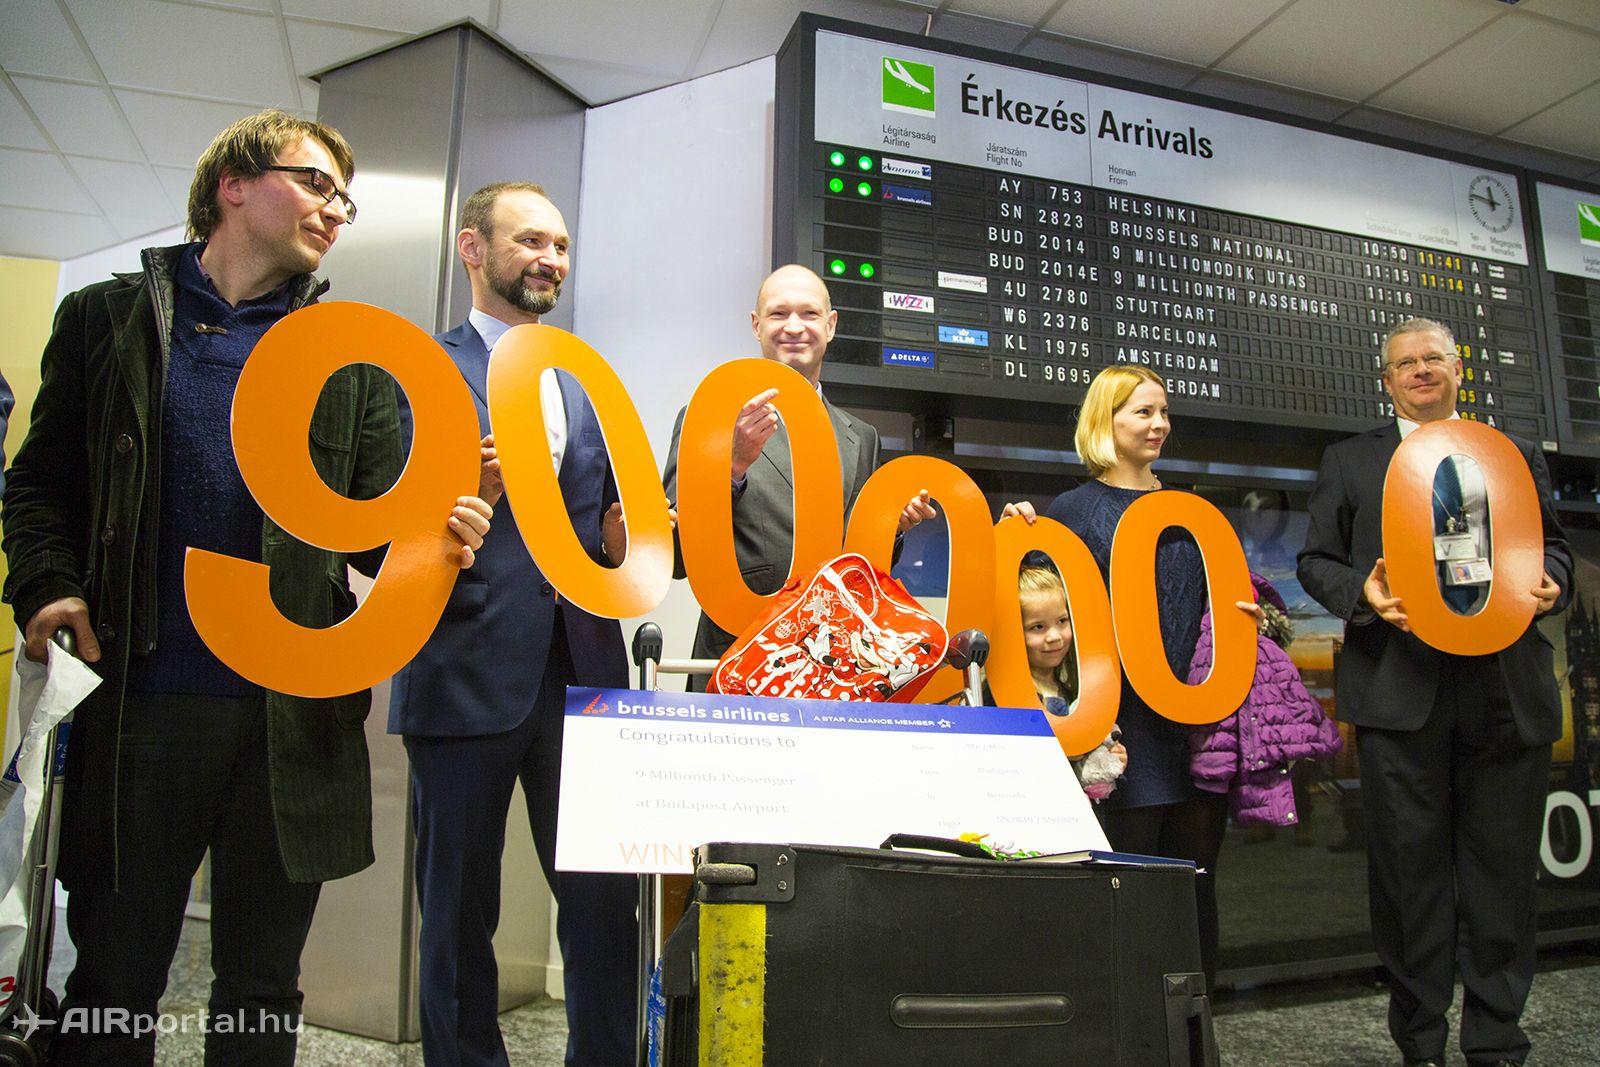 ...és az elmaradhatatlan kilenc milliós számsor. (Fotó: AIRportal.hu) | © AIRportal.hu